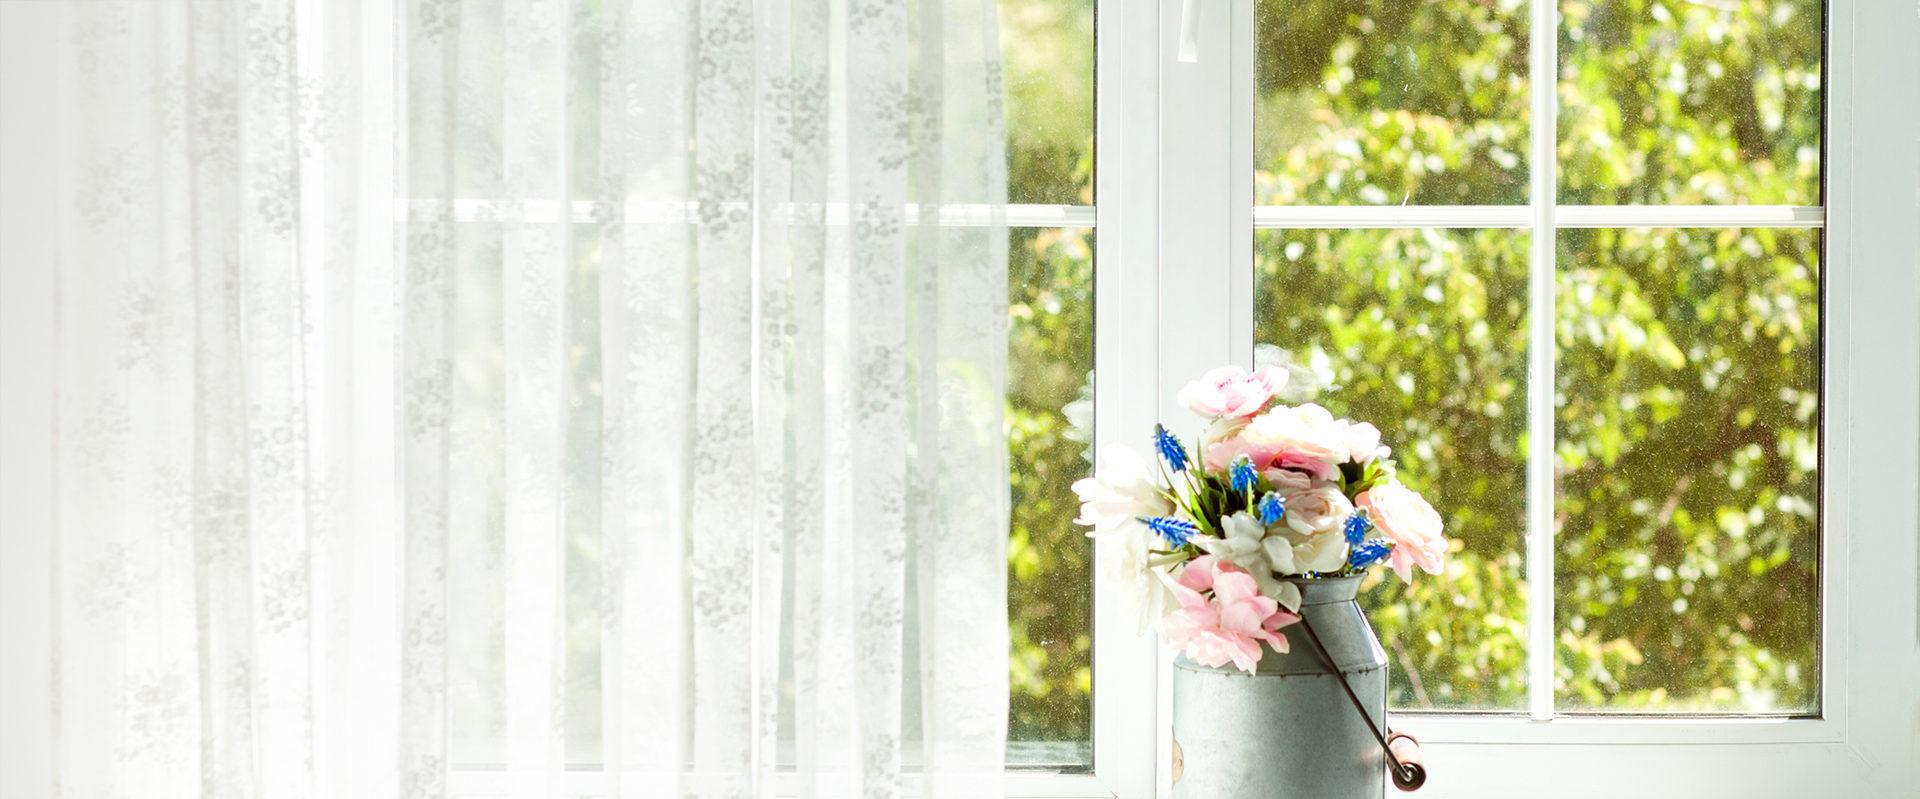 картинка окна на дачу чепецк